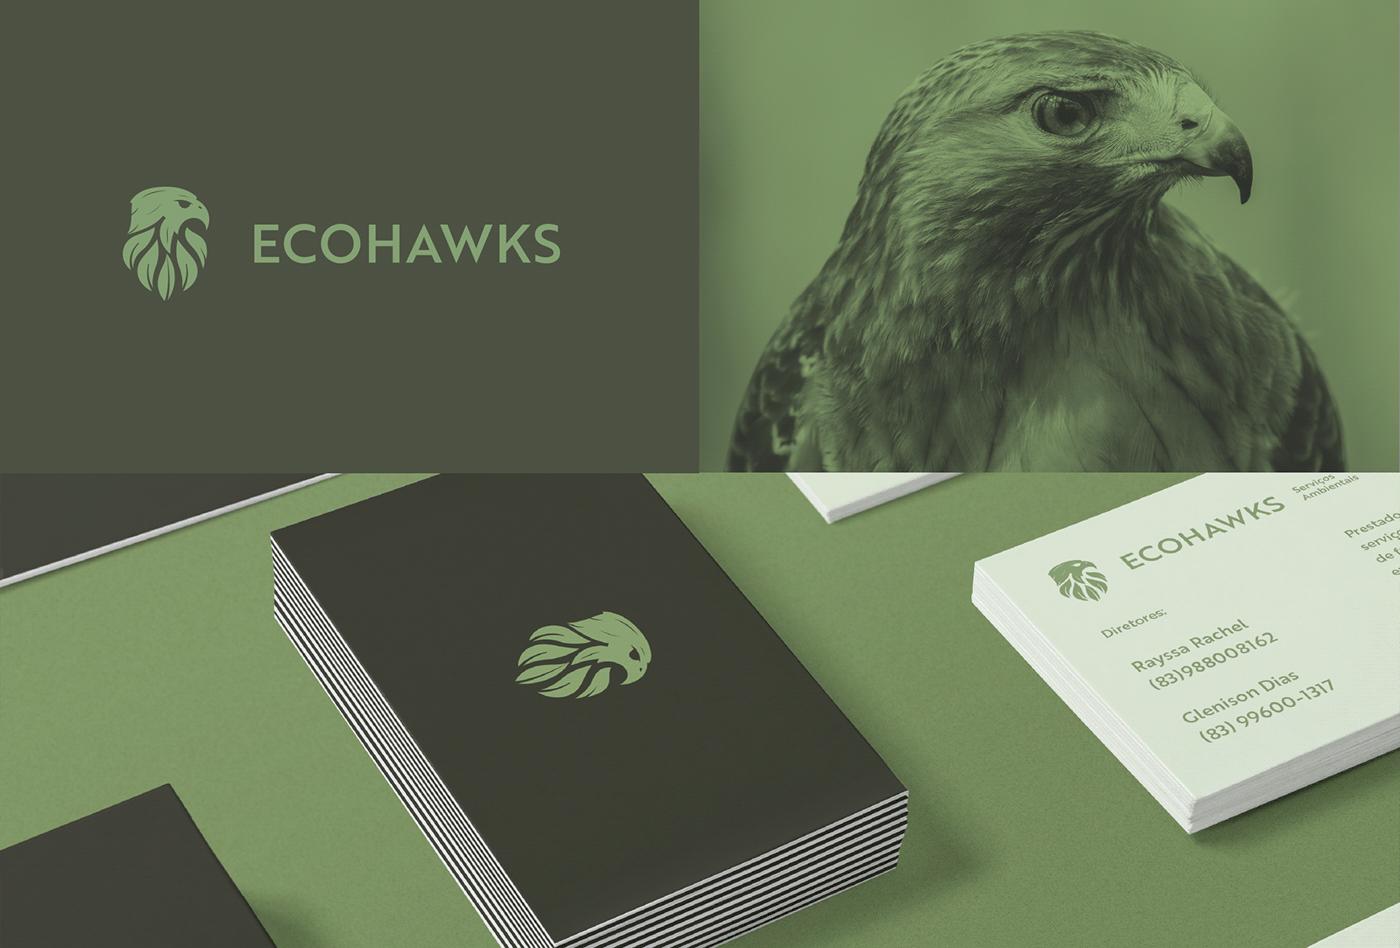 A imagem contém um logo verde com uma águia, uma imagem de uma águia e a marca em cartões de visita.